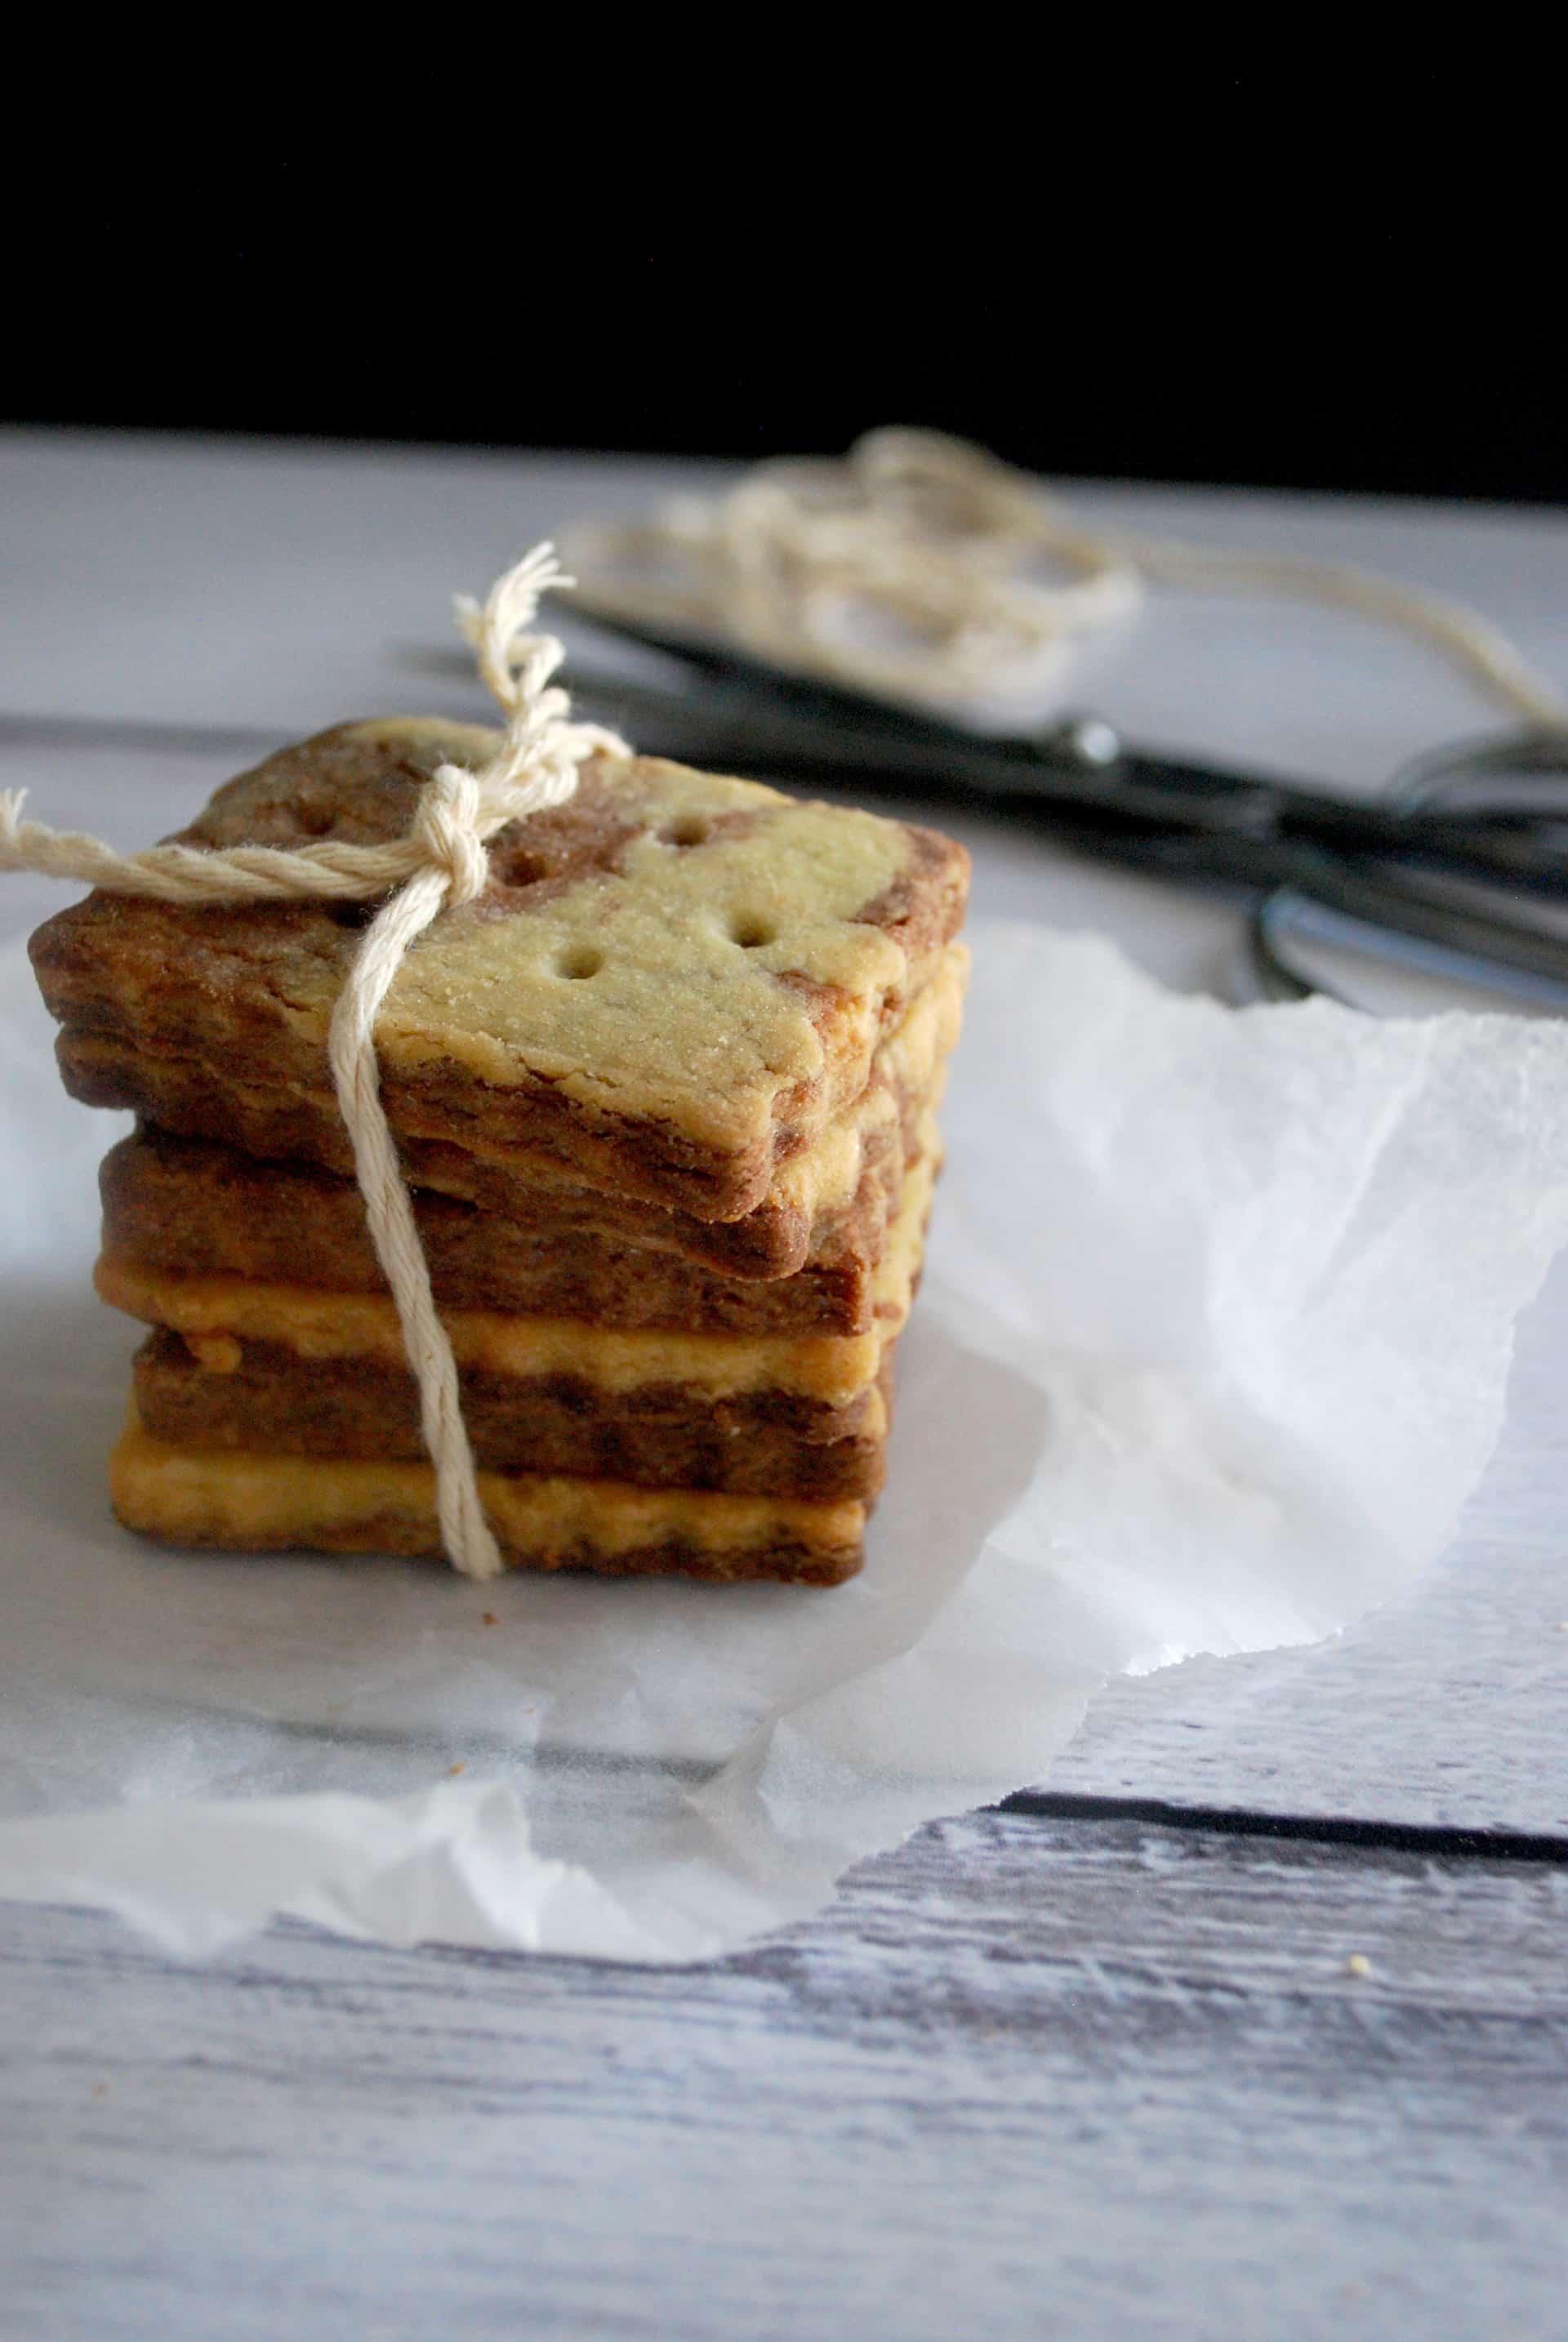 μπισκότα βουτύρου σπιράλ, σοκολάτα βανίλια δίχρωμα